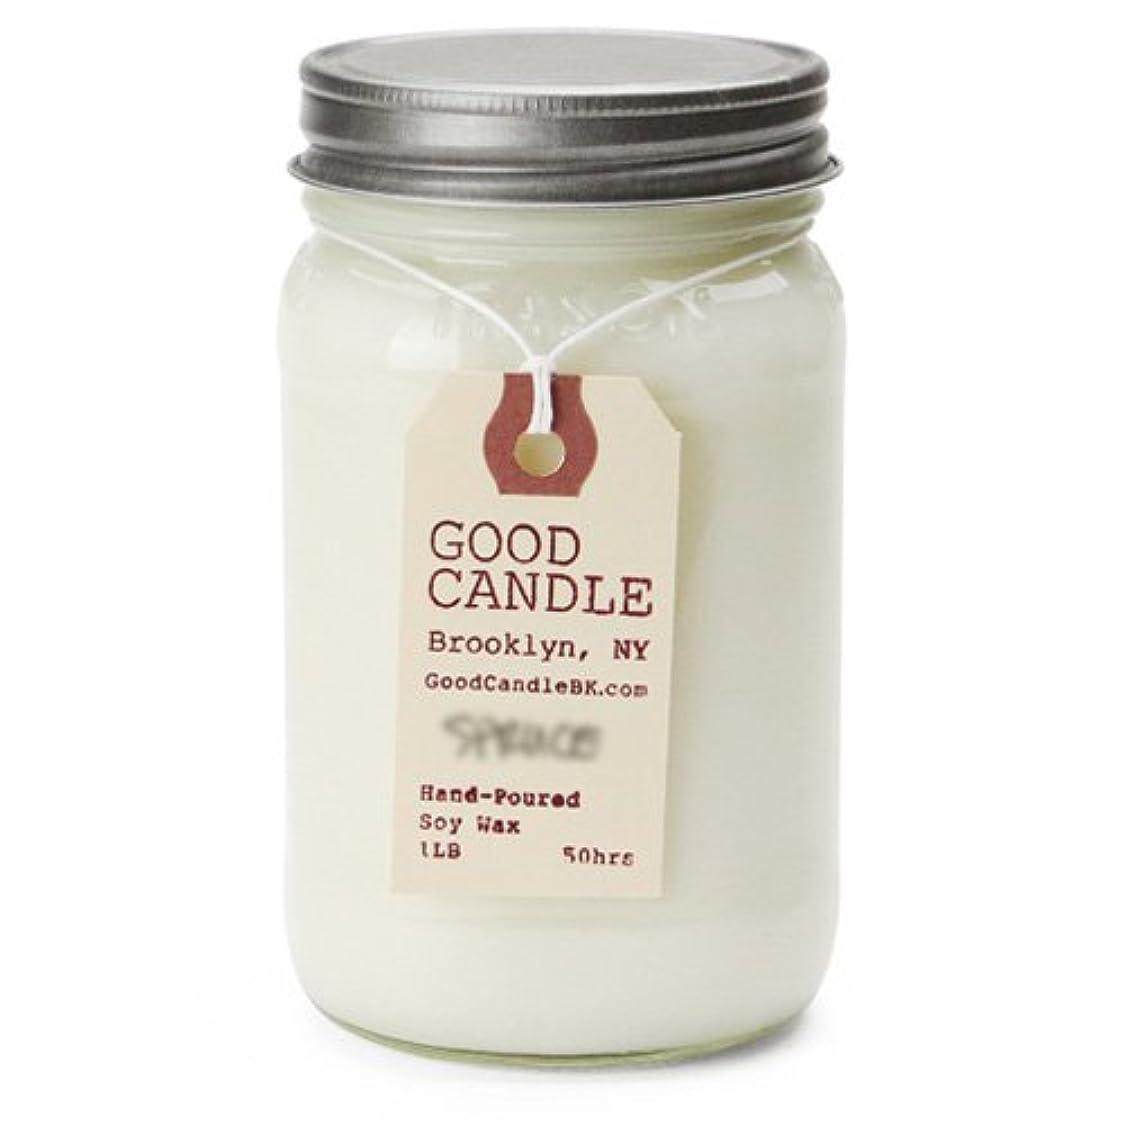 なんとなく遅滞不屈グッドキャンドル 1ポンド メイソンジャー キャンドル Good Candle 1LB Mason jar candle [ Camp fire ] 正規品